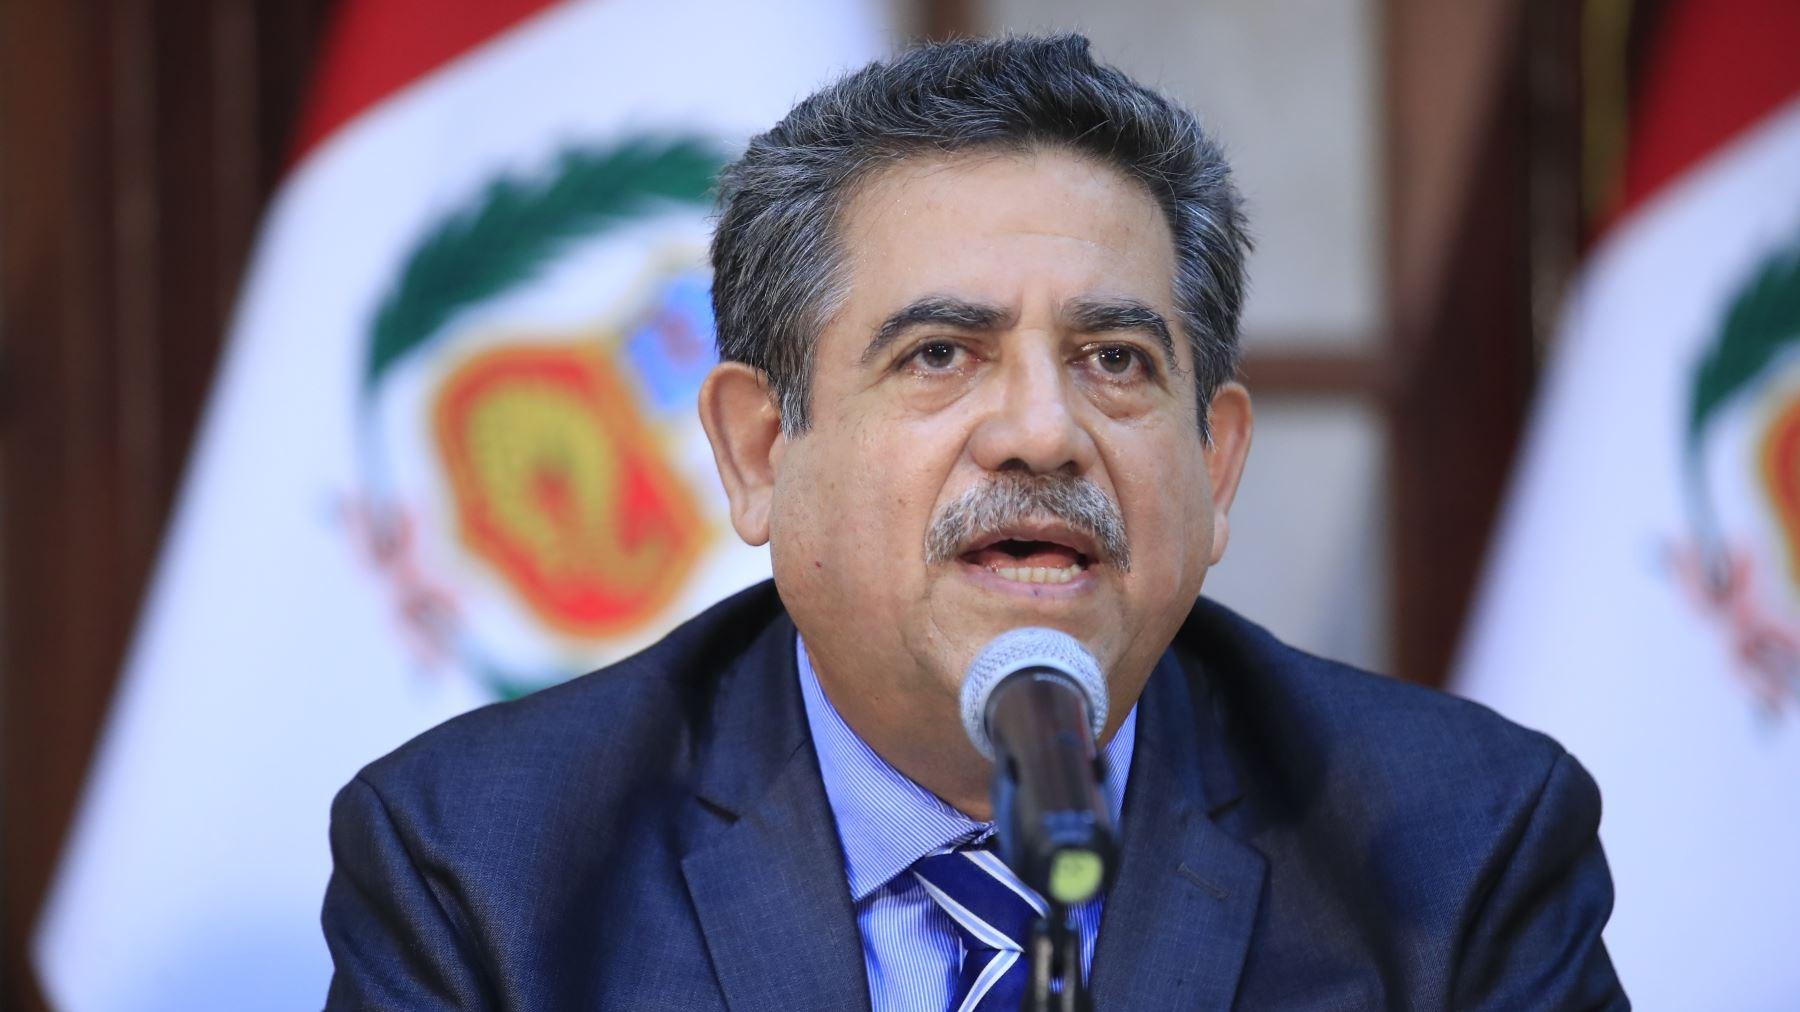 Manuel Merino se pronuncia tras interpelación a ministra Alva.